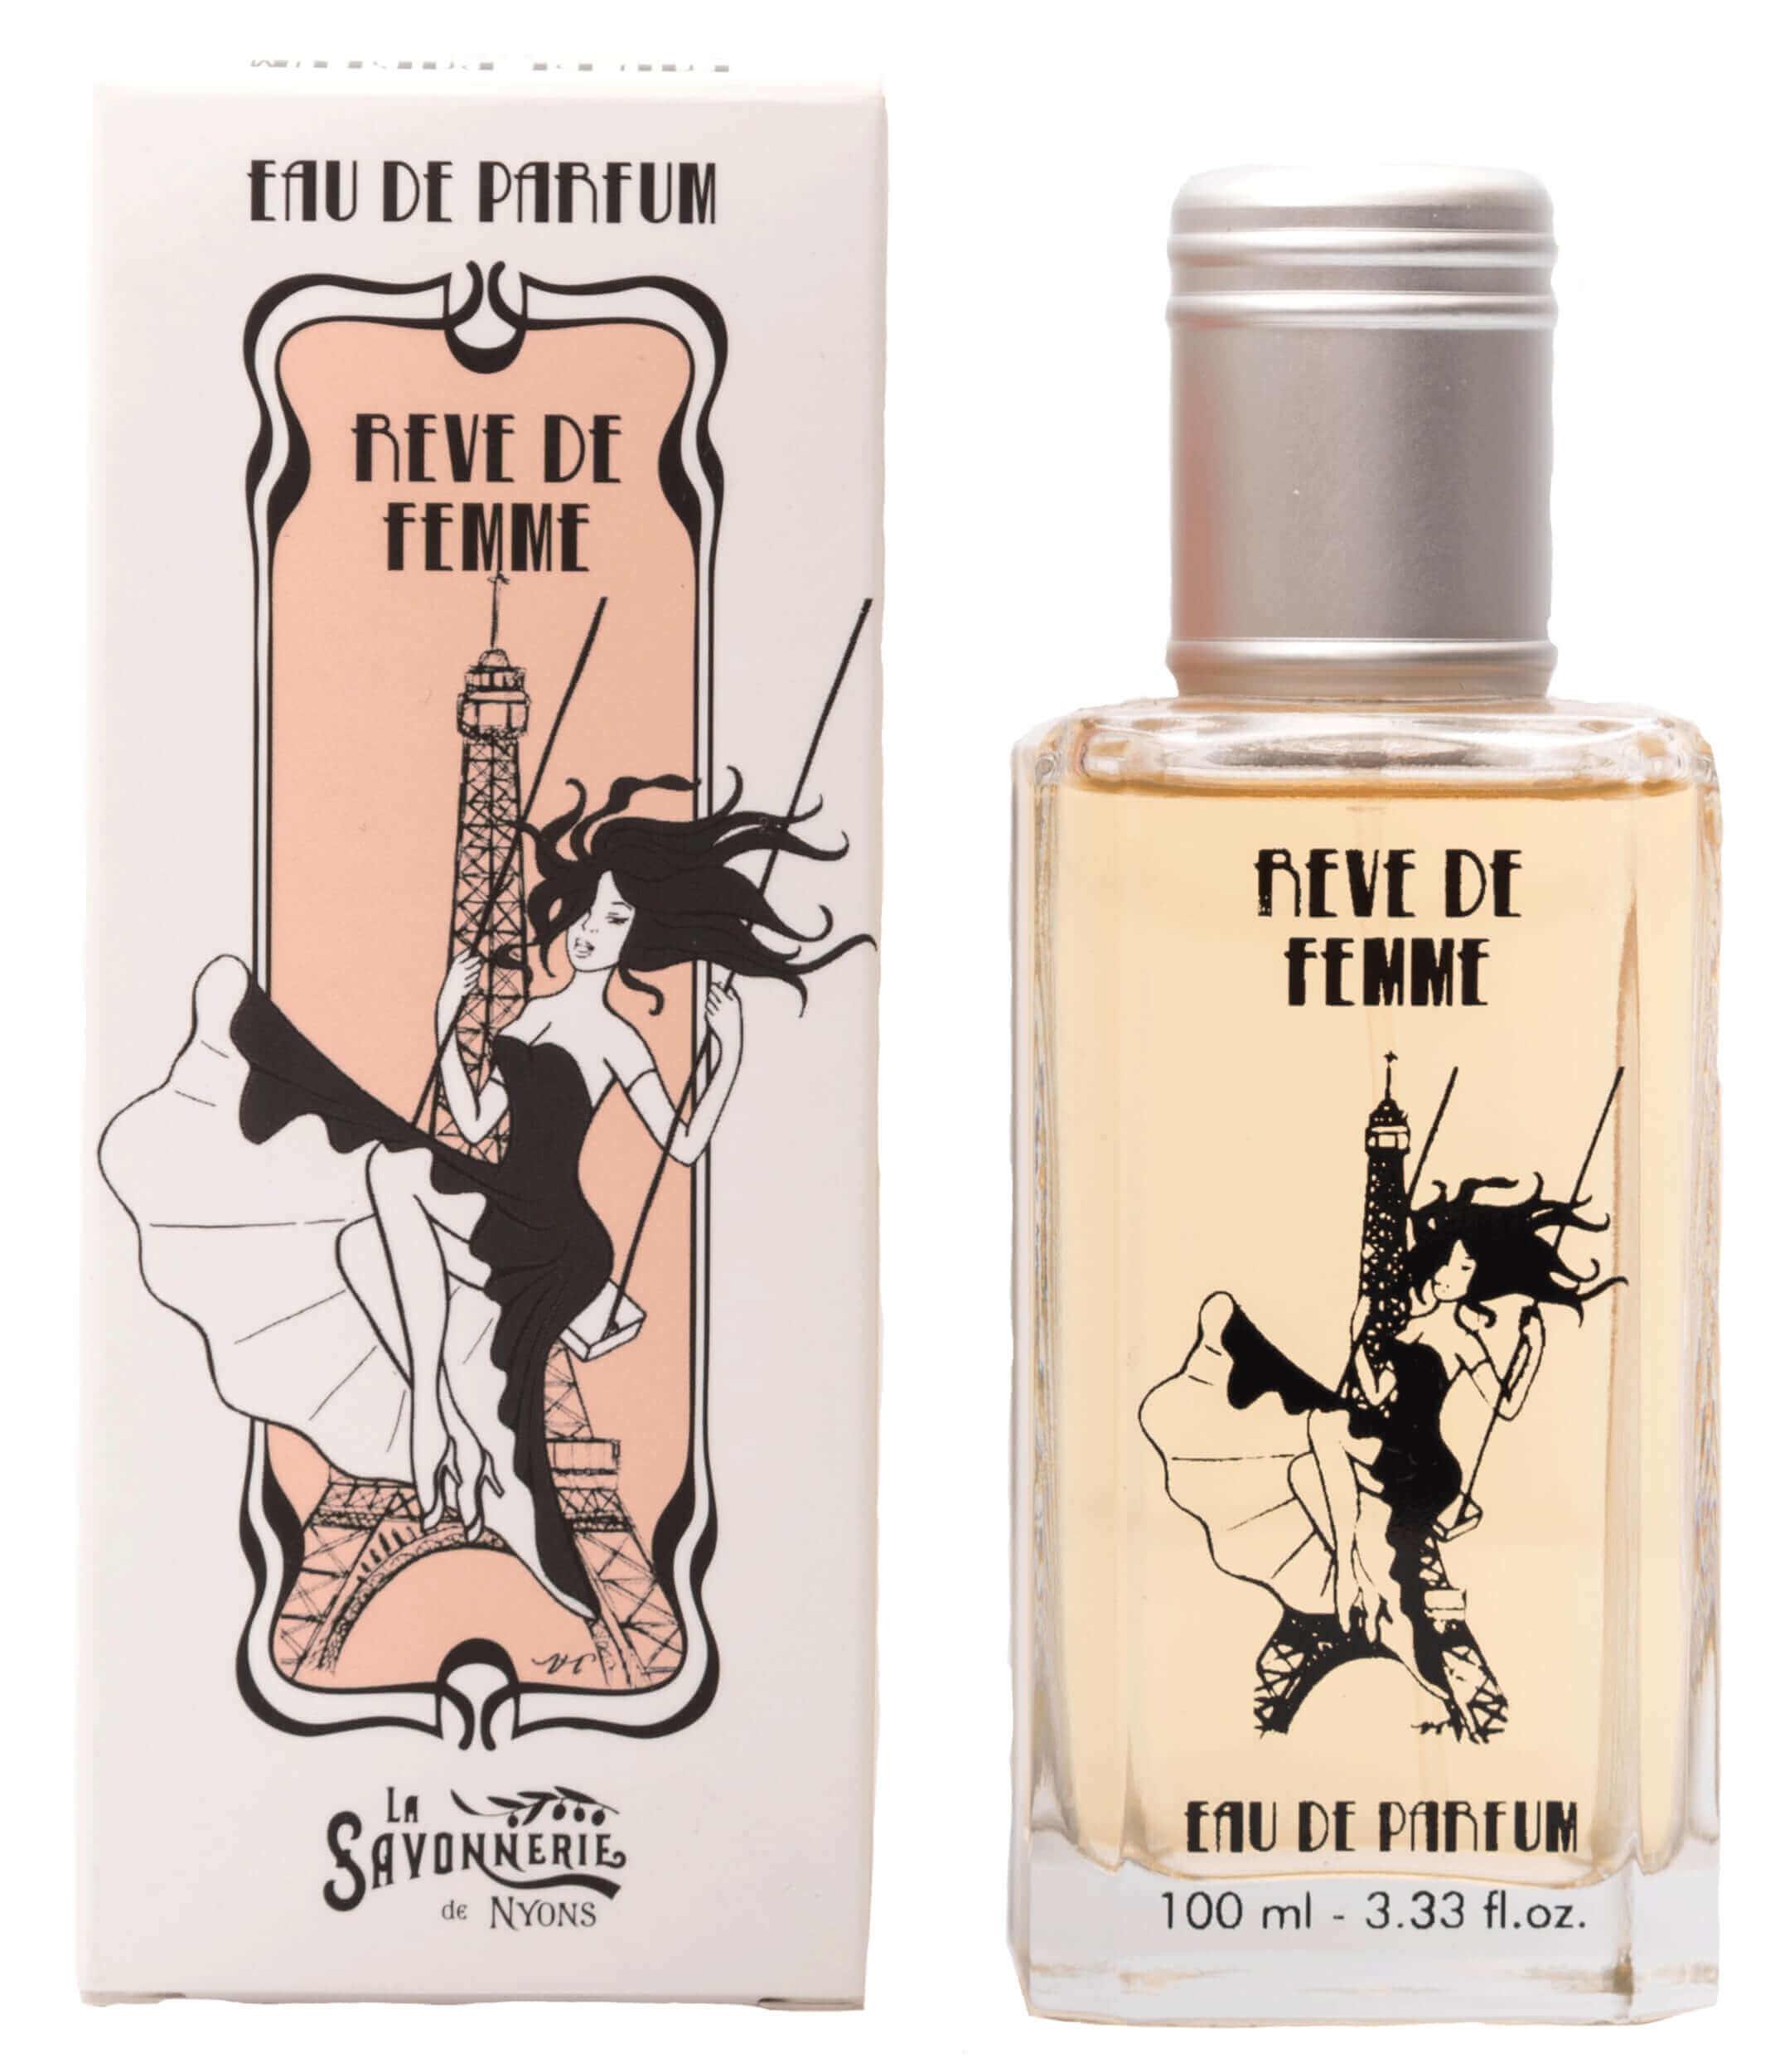 Eau de Parfum Femme - Reve de Femme